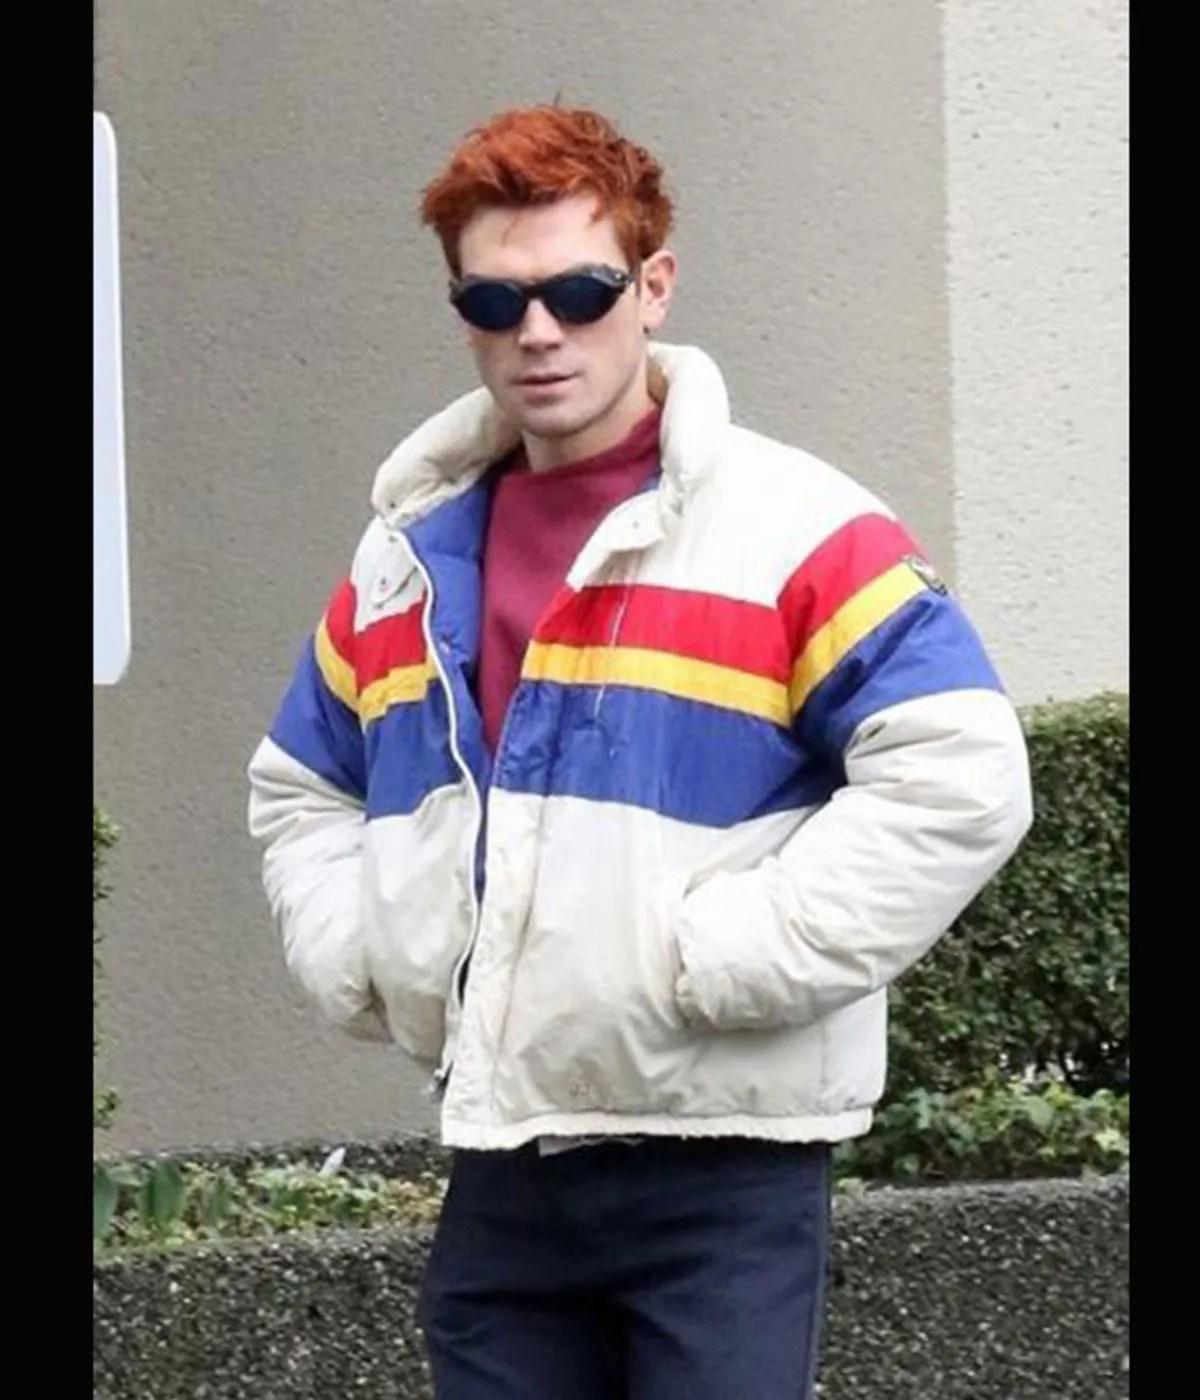 kj-apa-puffer-jacket